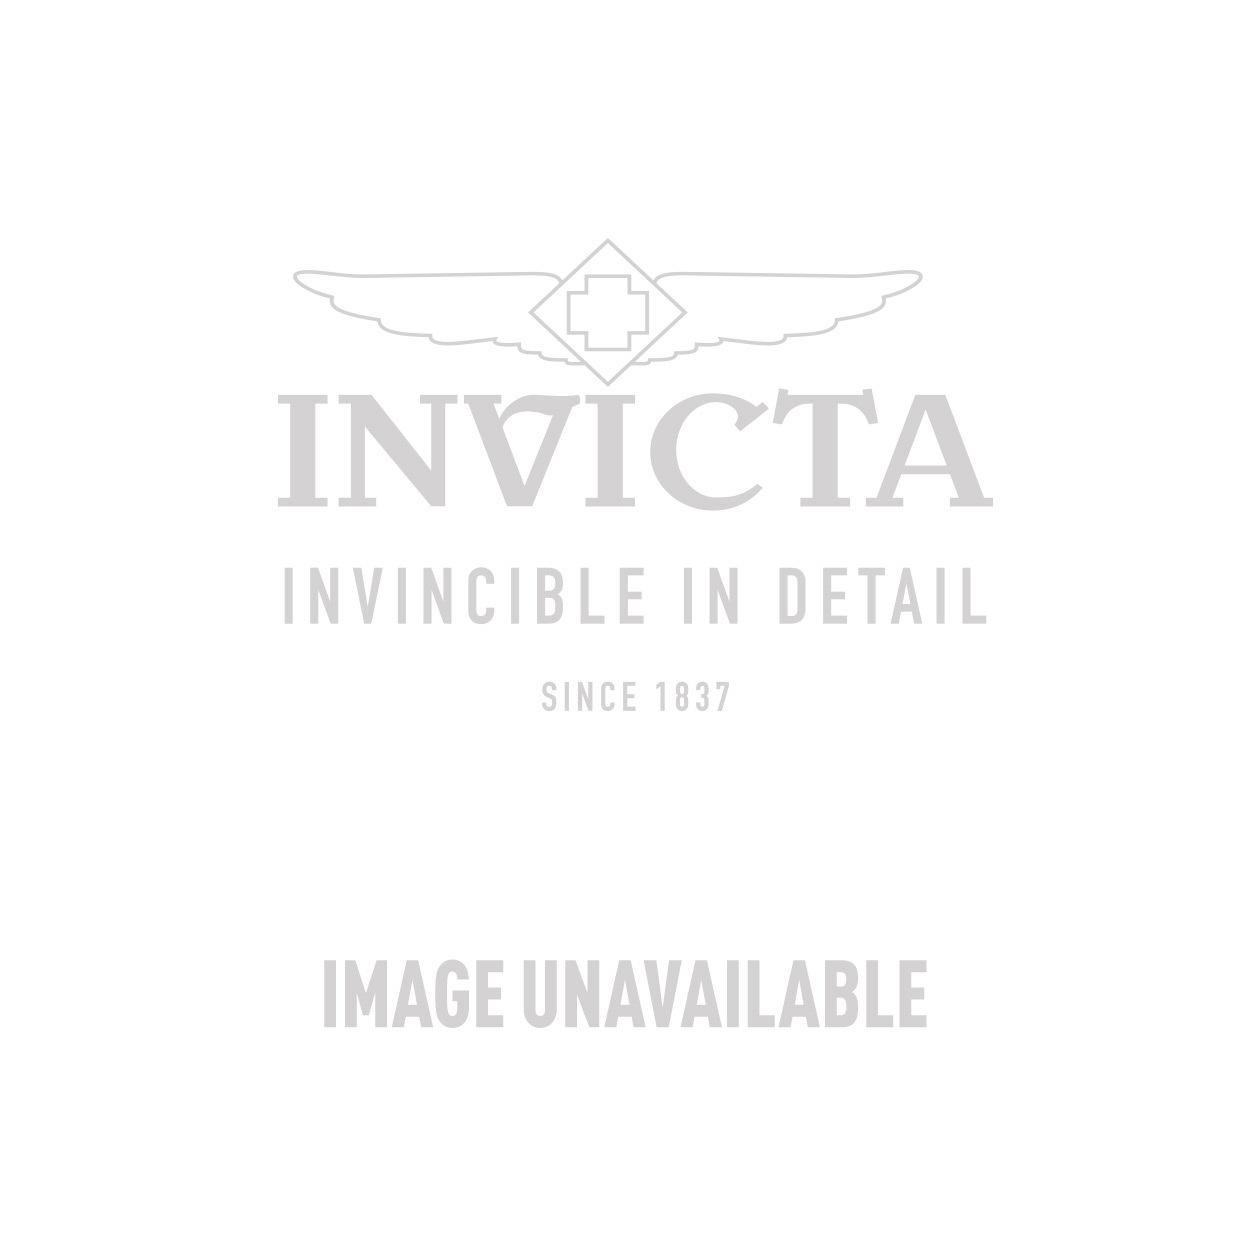 Invicta Model 27883